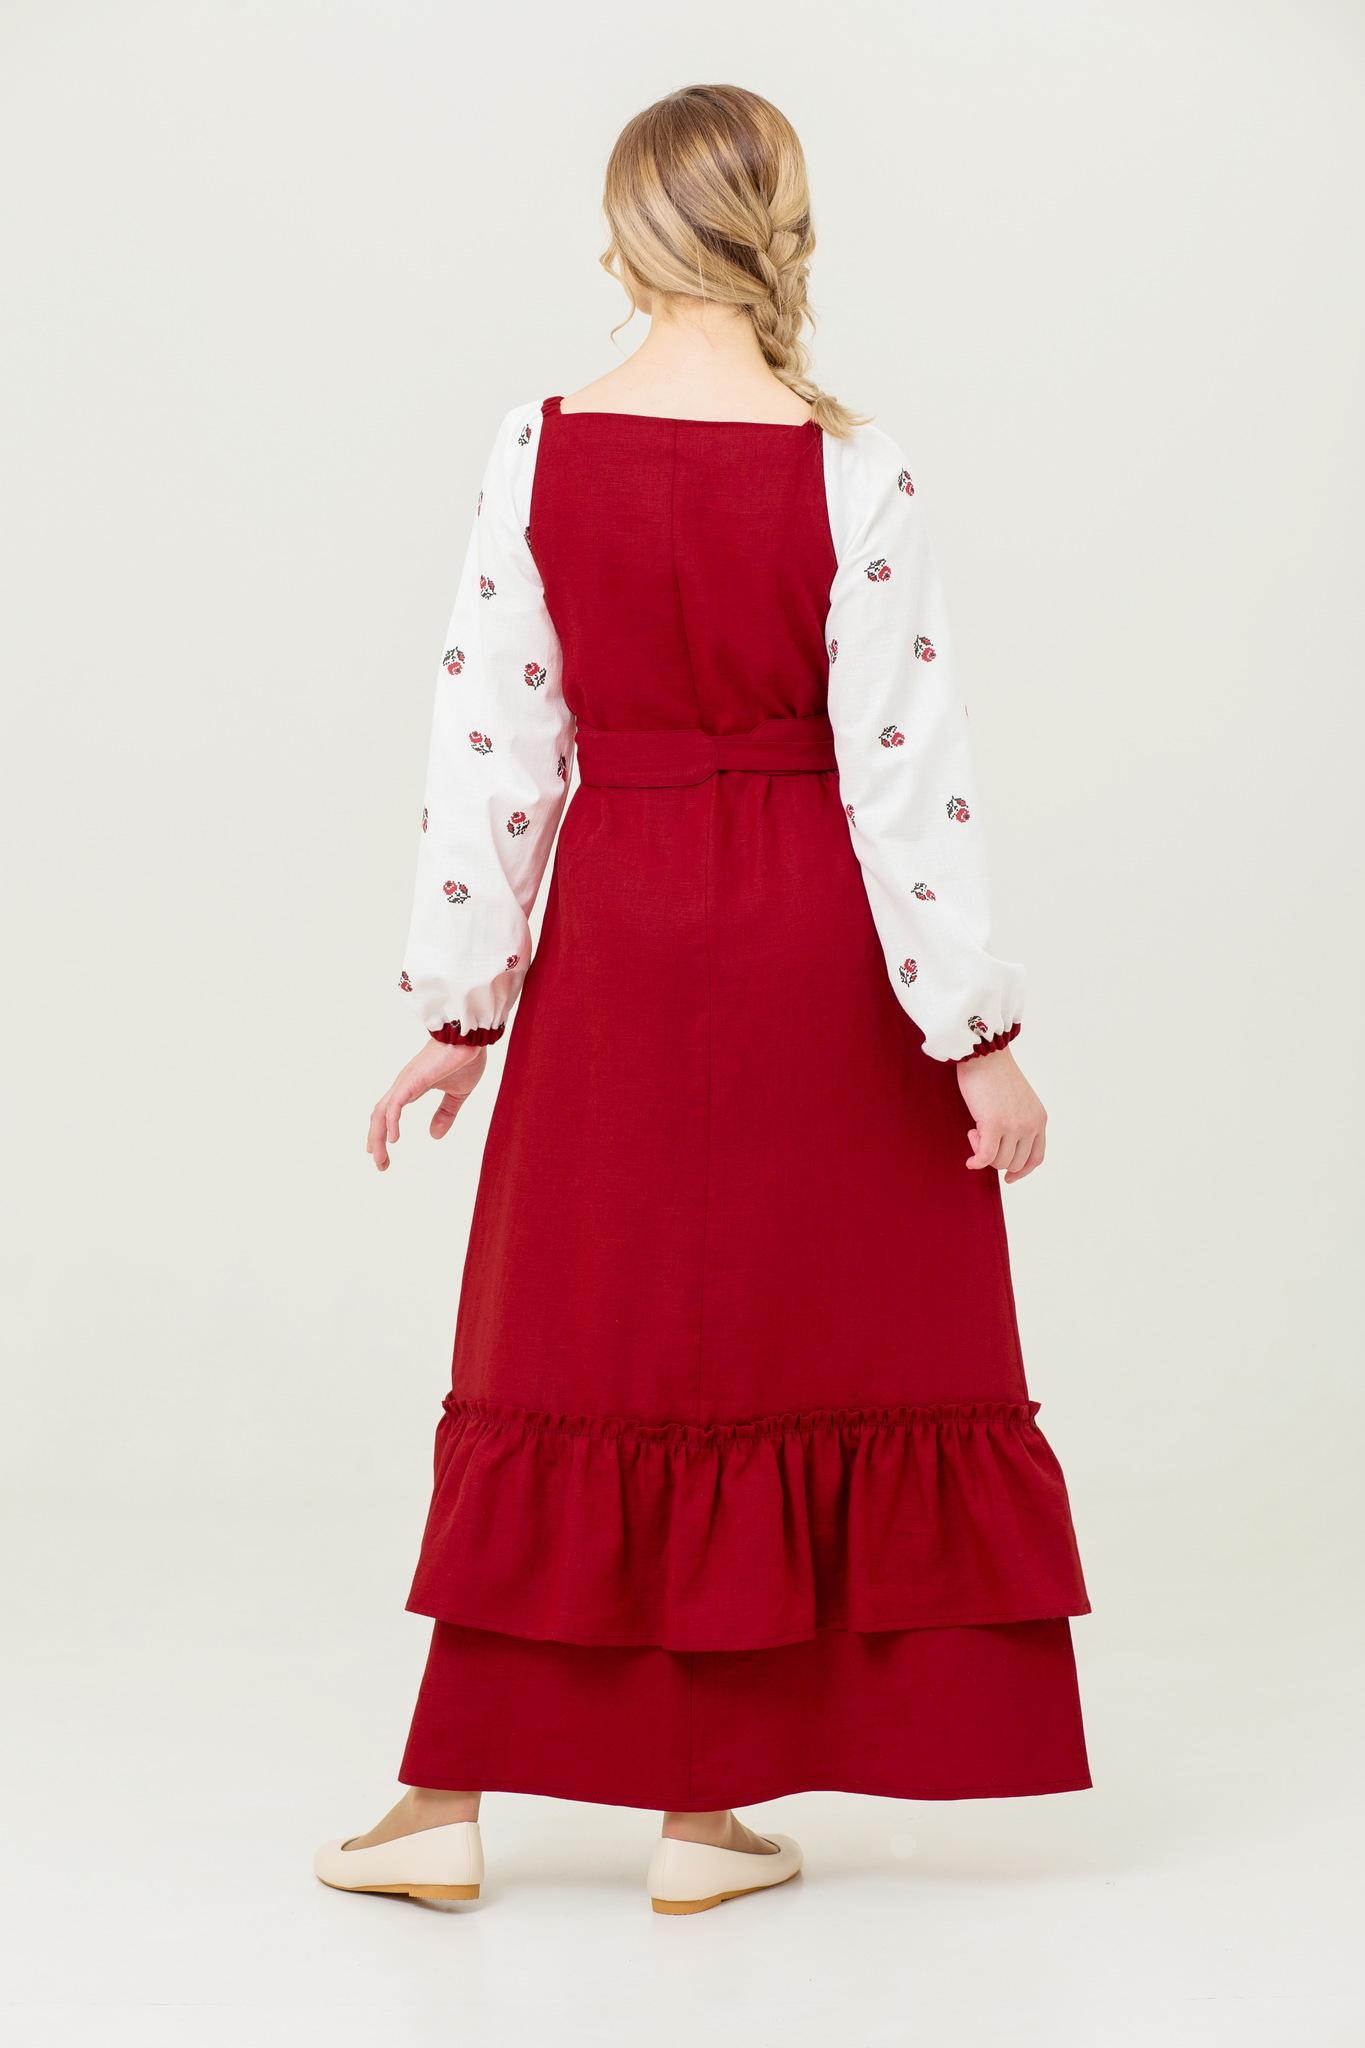 Платье из льна Алёнушка в русском стиле купить